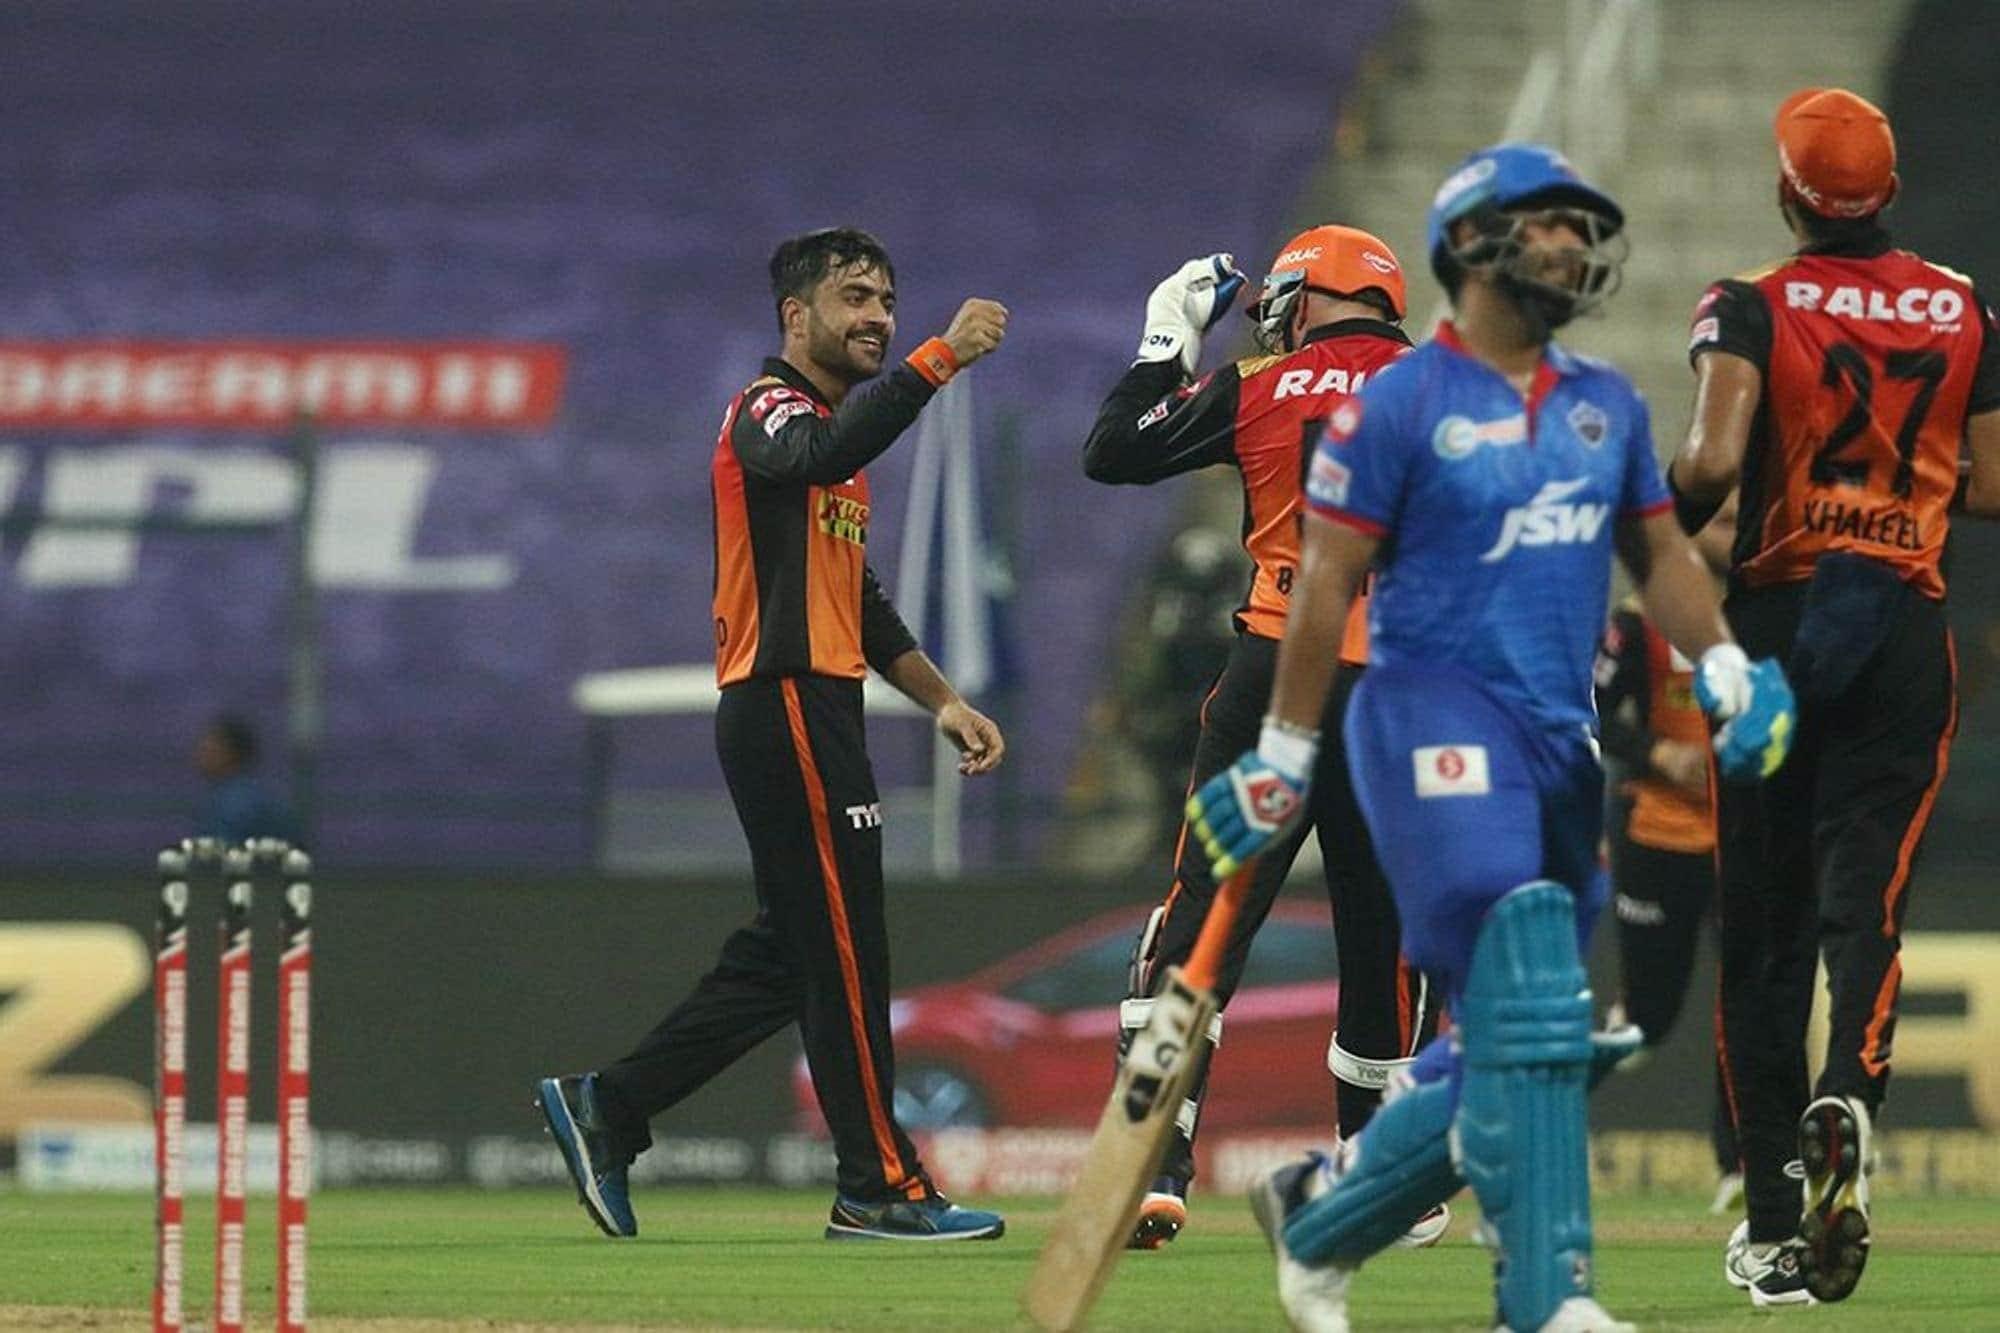 சன்ரைசர்ஸ் அணிக்கு எதிரான போட்டியில் 15 ரன்கள் வித்தியாசத்தி்ல் தோல்வியடைந்தது.